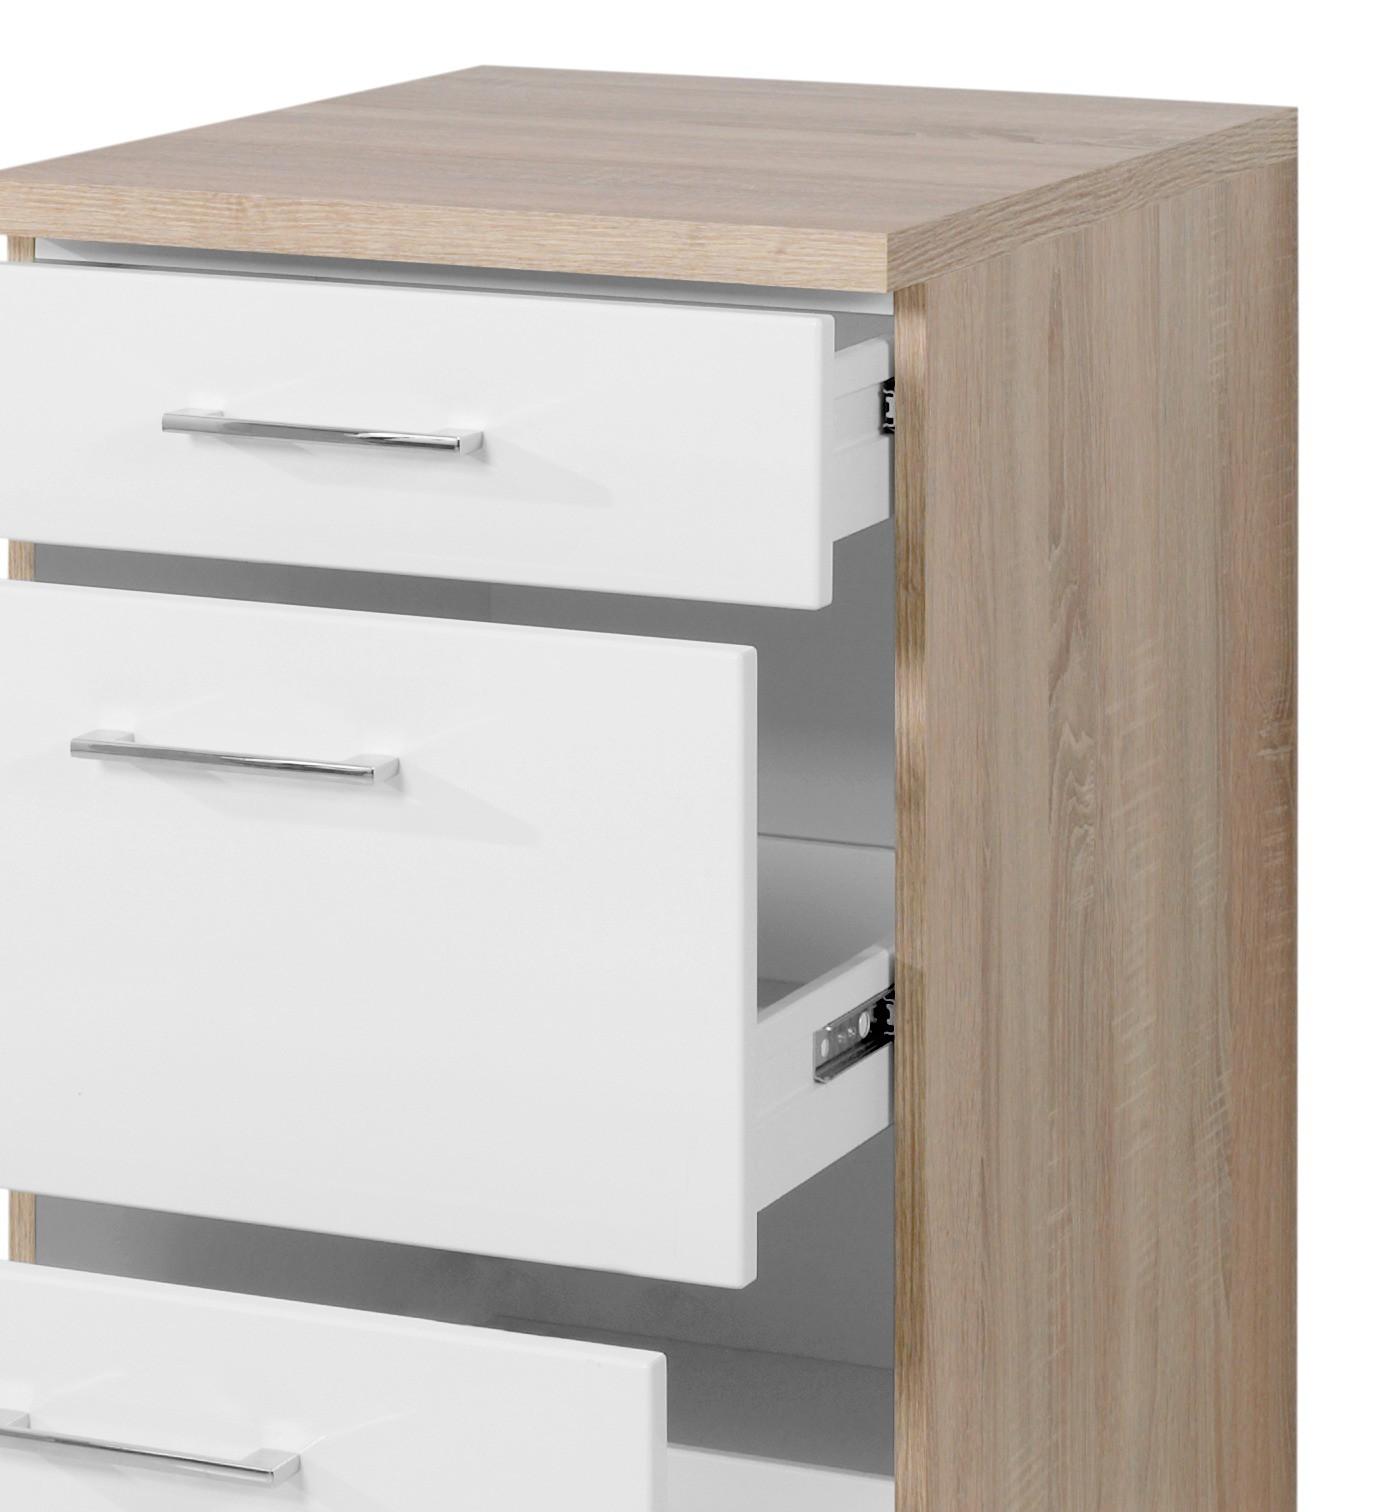 kchen hochschrank mit schubladen trendy hochschrank fr backofen mikrowelle cm schublade ebdam. Black Bedroom Furniture Sets. Home Design Ideas